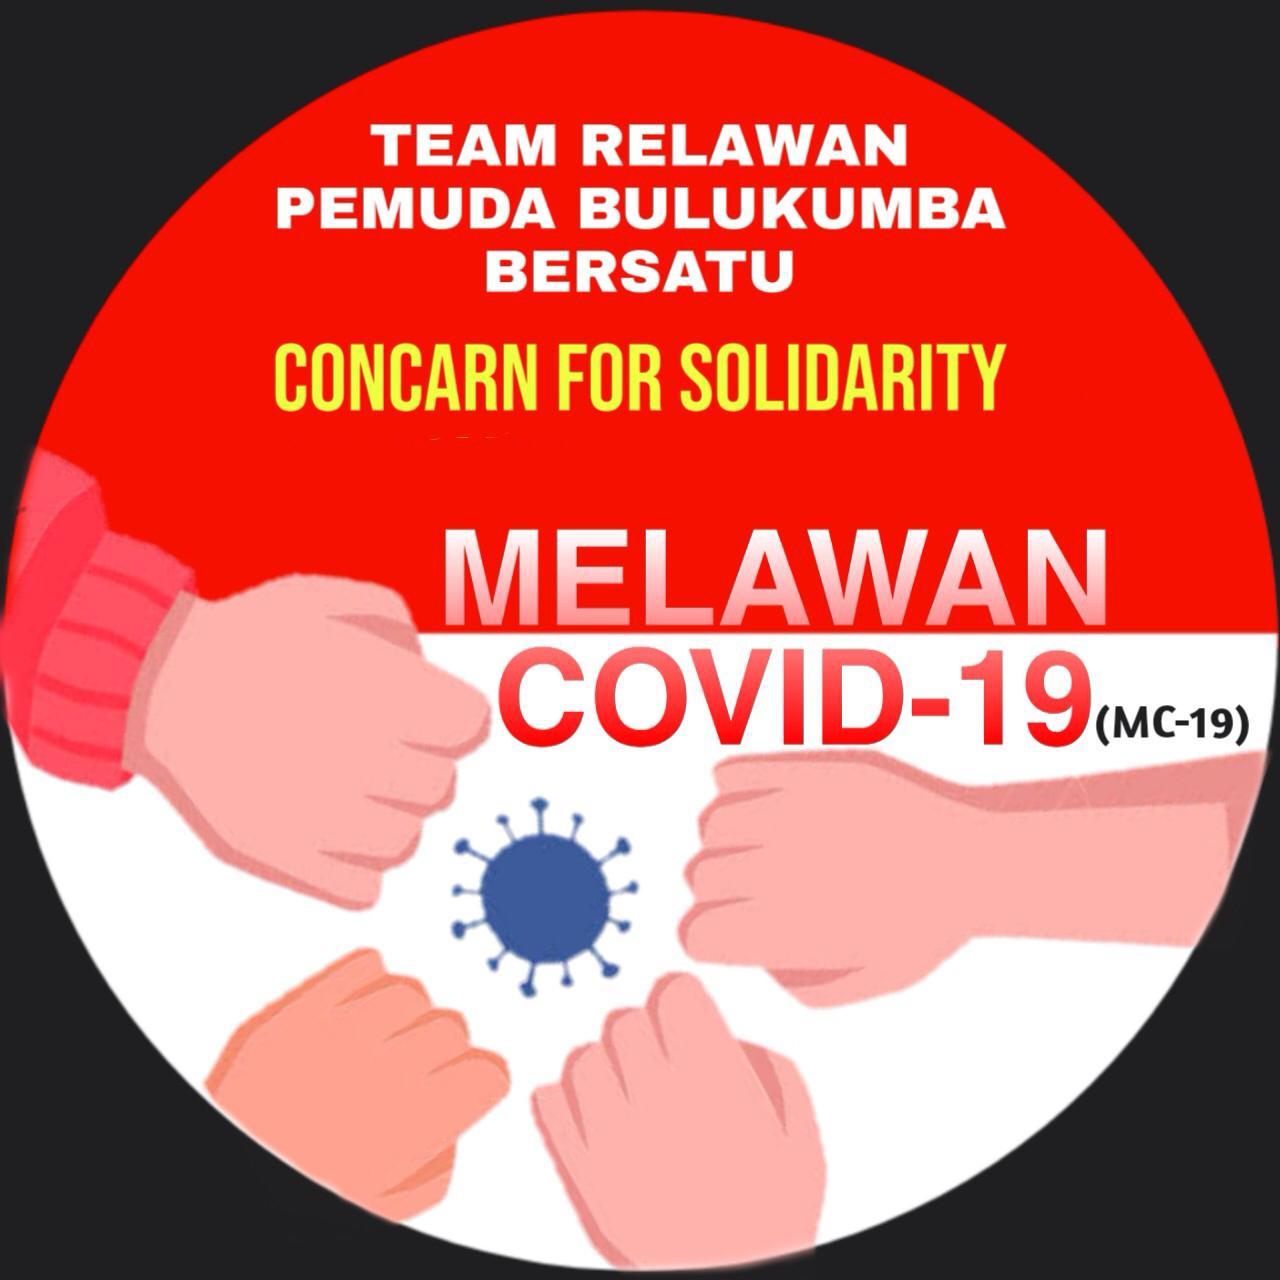 6 positif covid-19, RPBB : Tuntut Pemda Laksanakan Protokol Pencegahan sesuai Surat Edaran